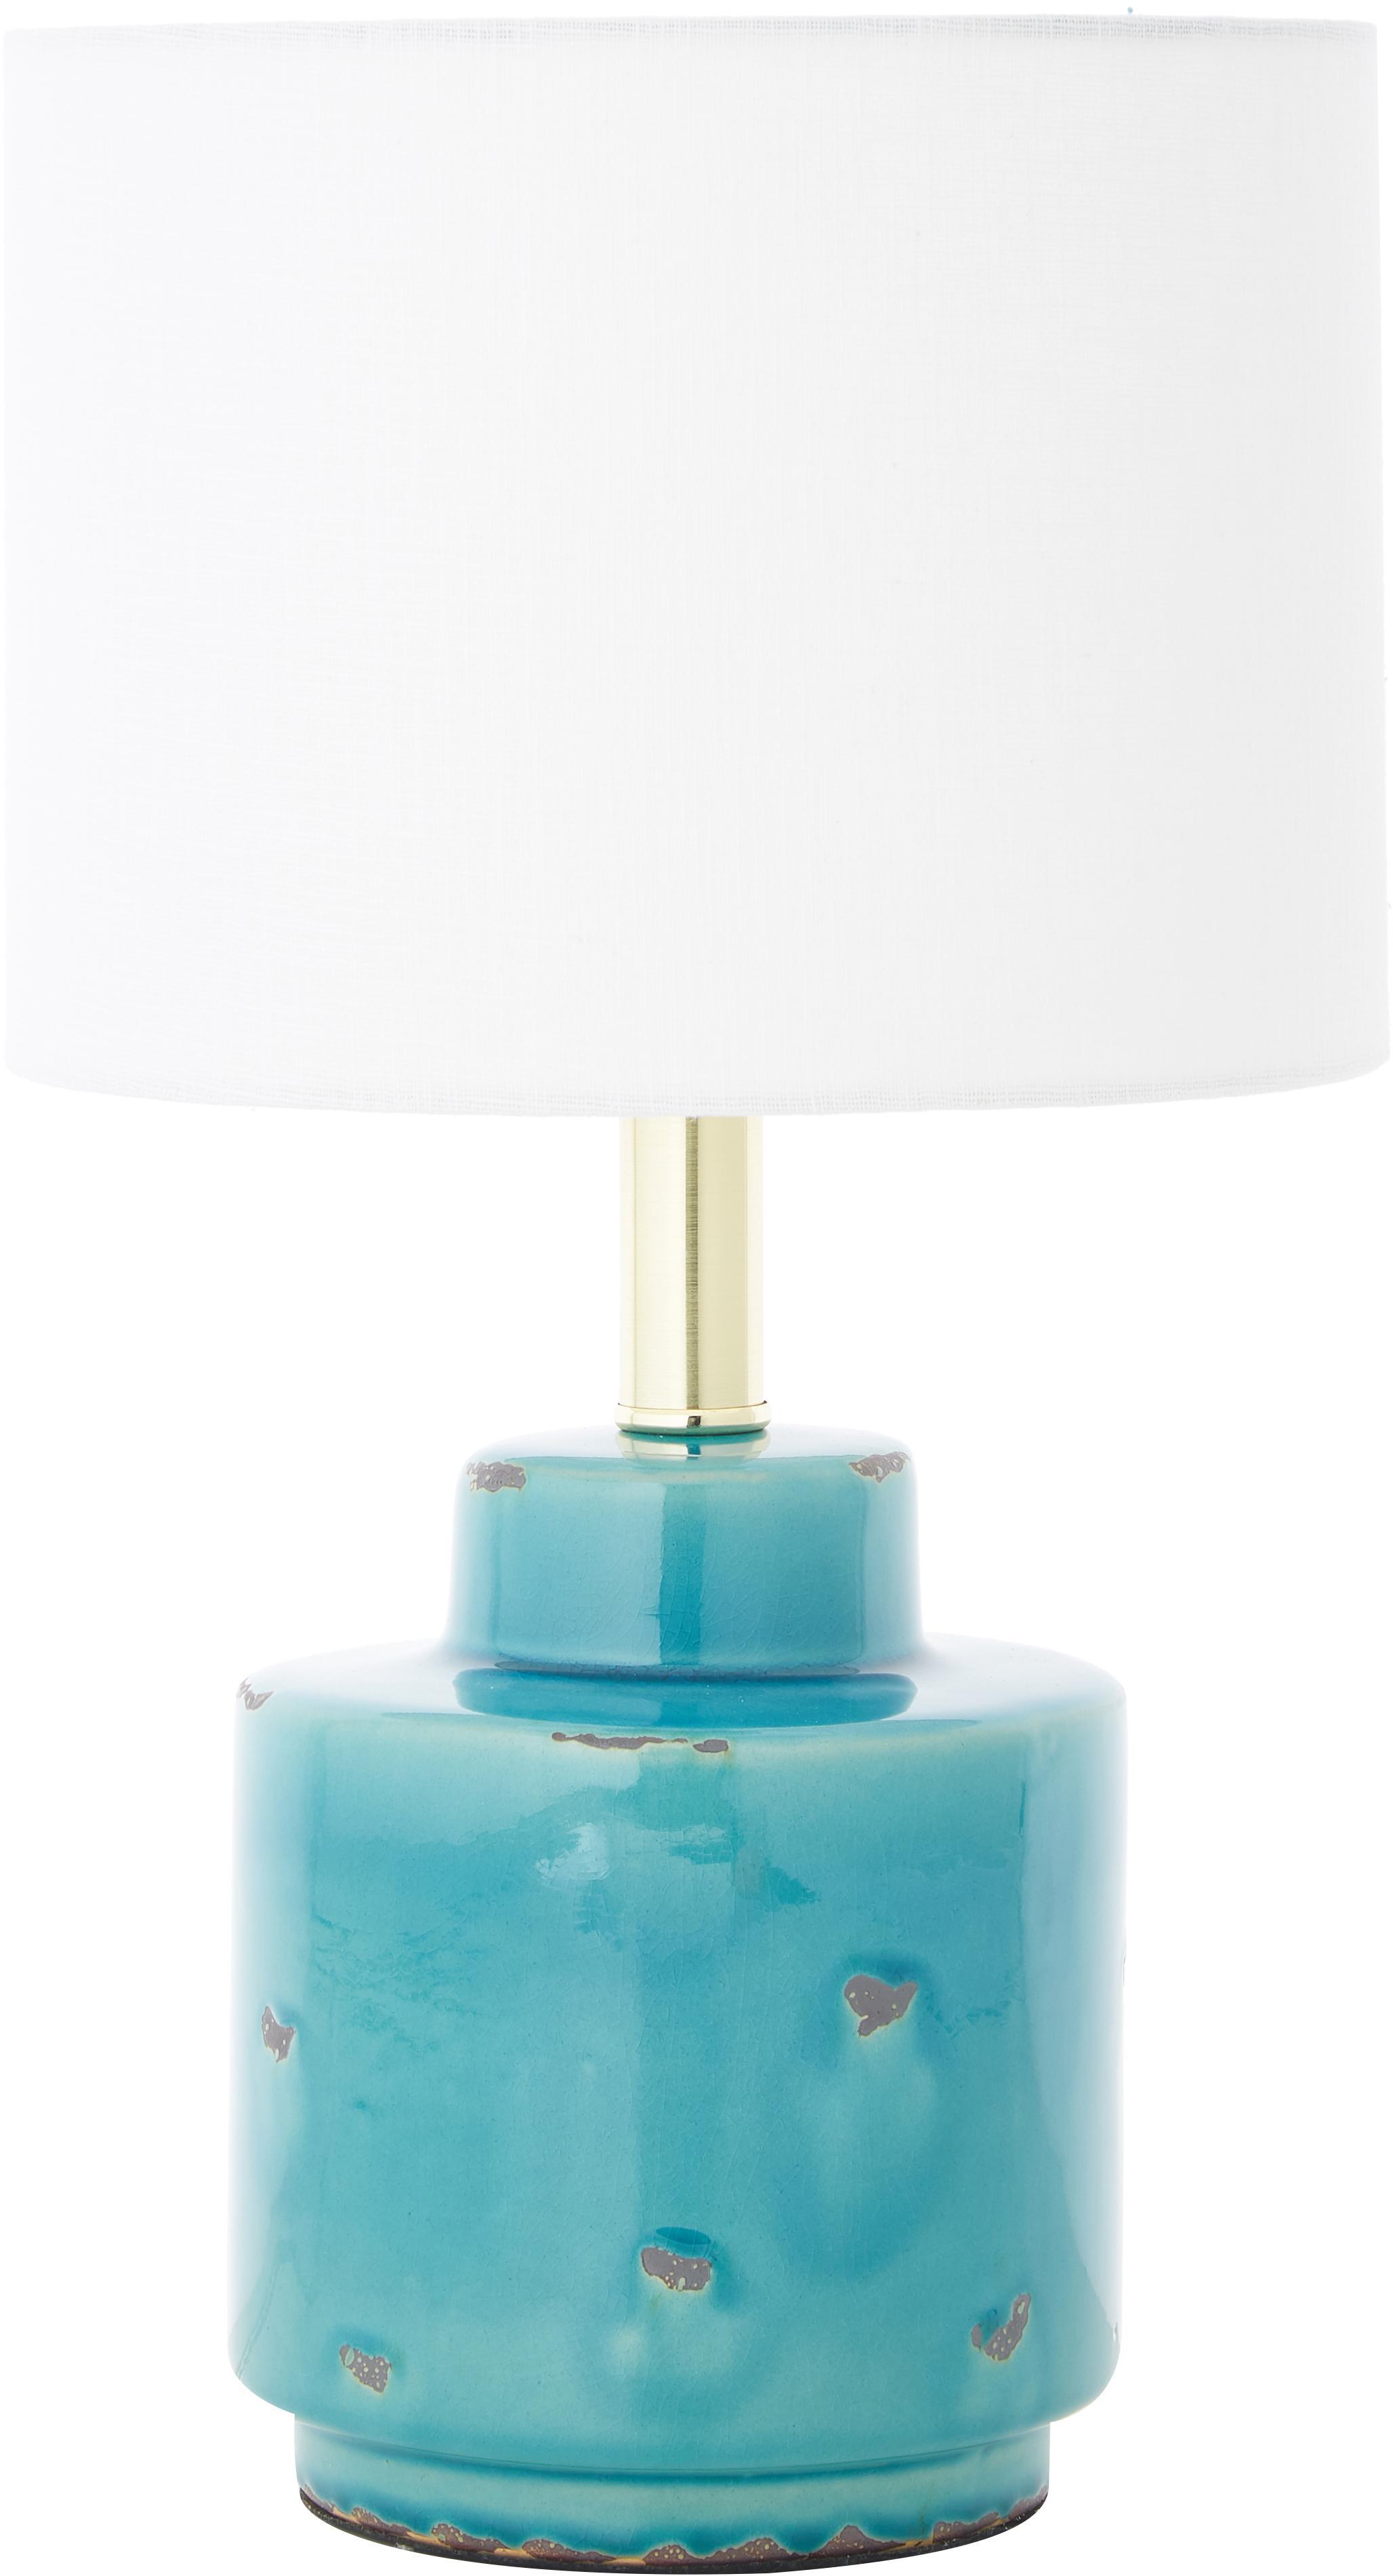 Lampa stołowa Cous, Klosz: biały Podstawa lampy: niebieski z antycznym wykończeniem, Ø 24 x W 42 cm